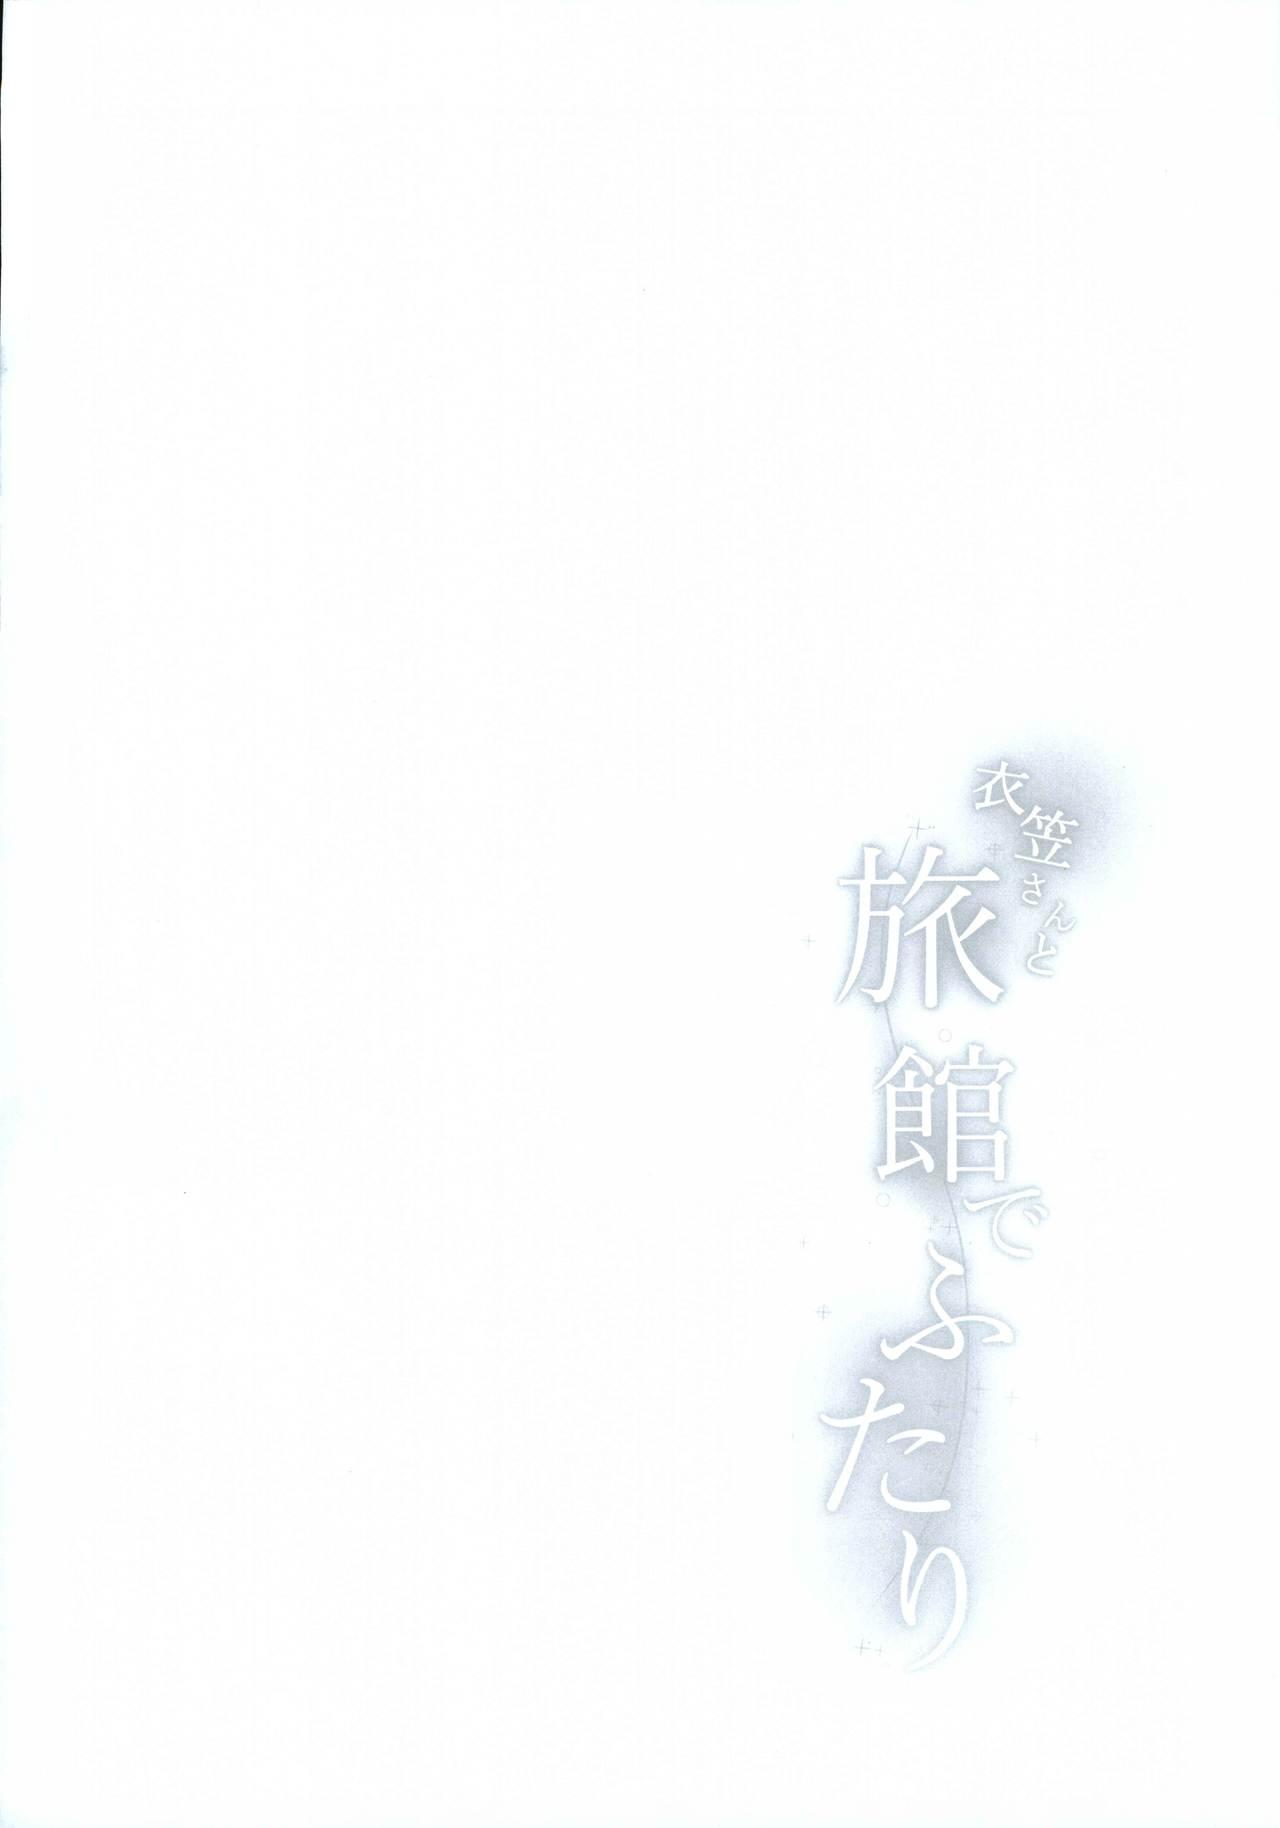 Kinugasa-san to Ryokan de Futari 2